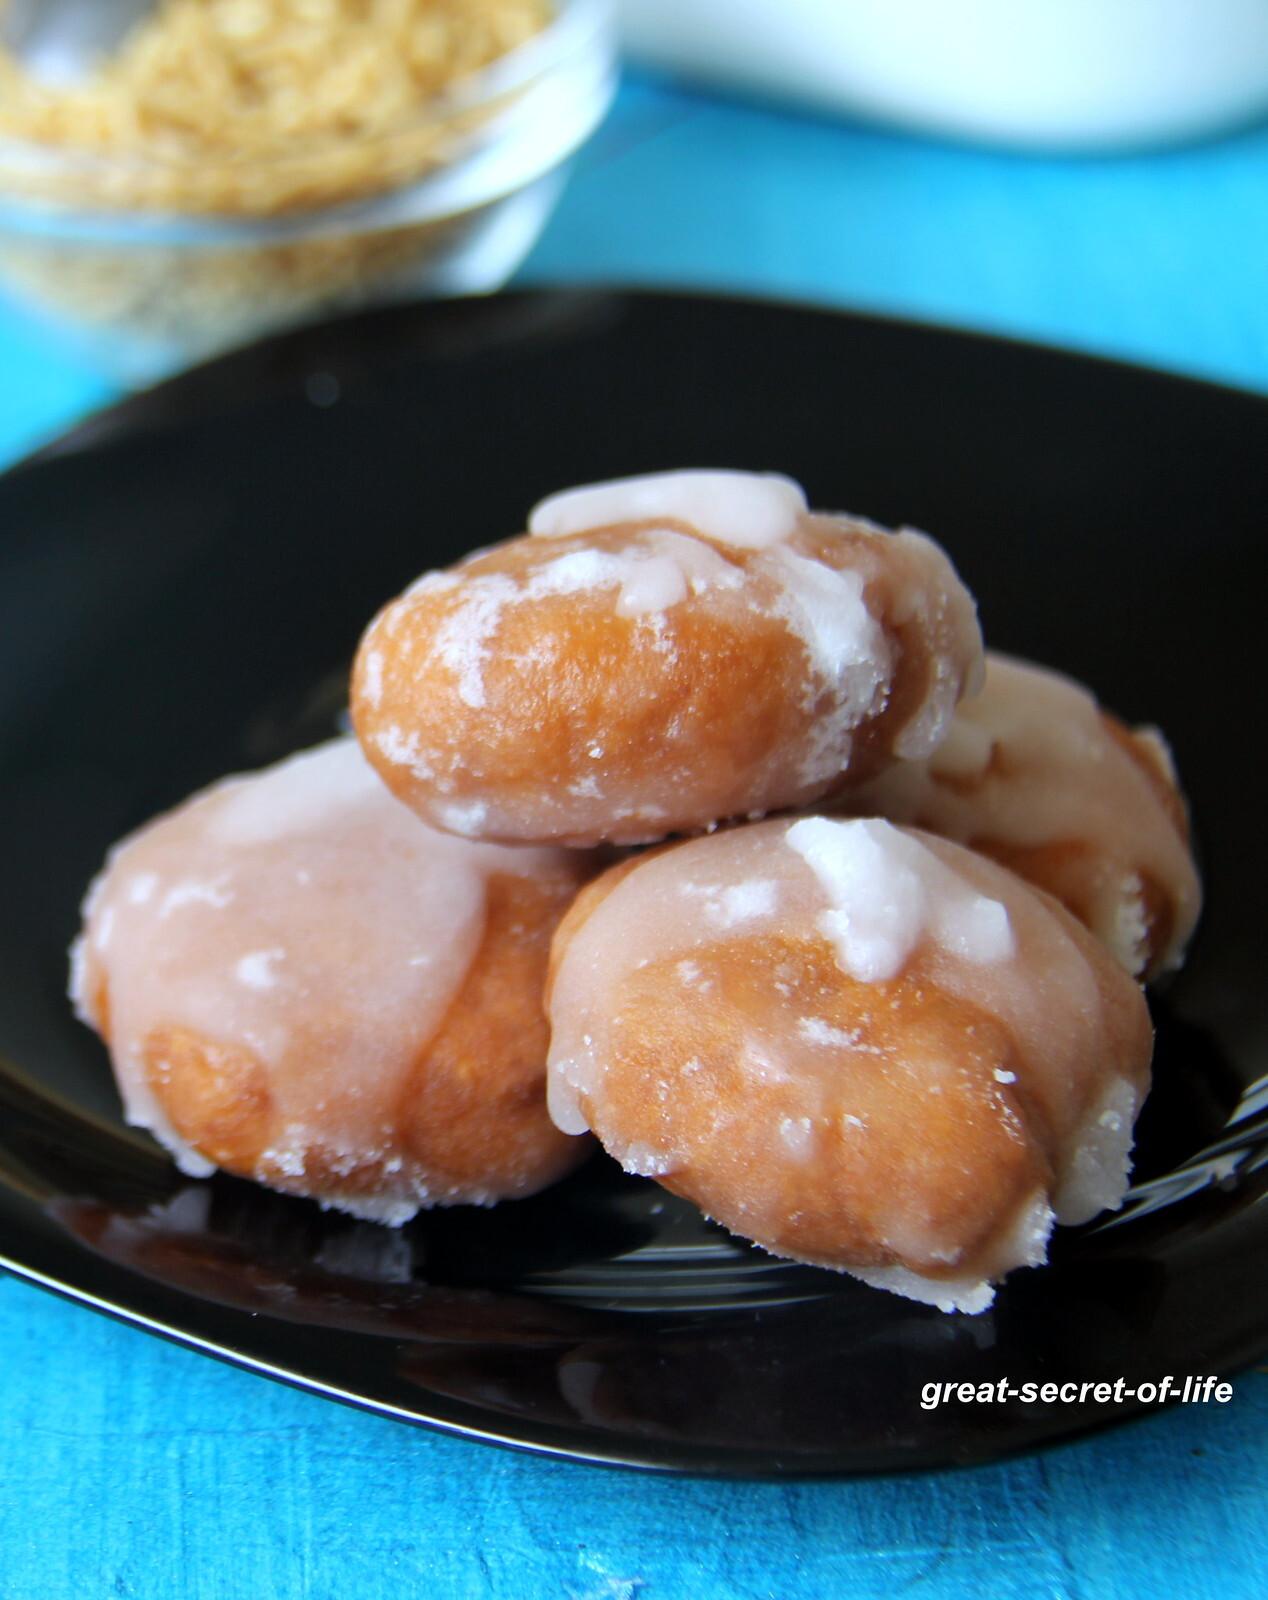 Badusha recipe - Badhusha Recipe - Simple Indian Sweet recipe - Diwali sweet recipes - Indian Doughnut Recipe